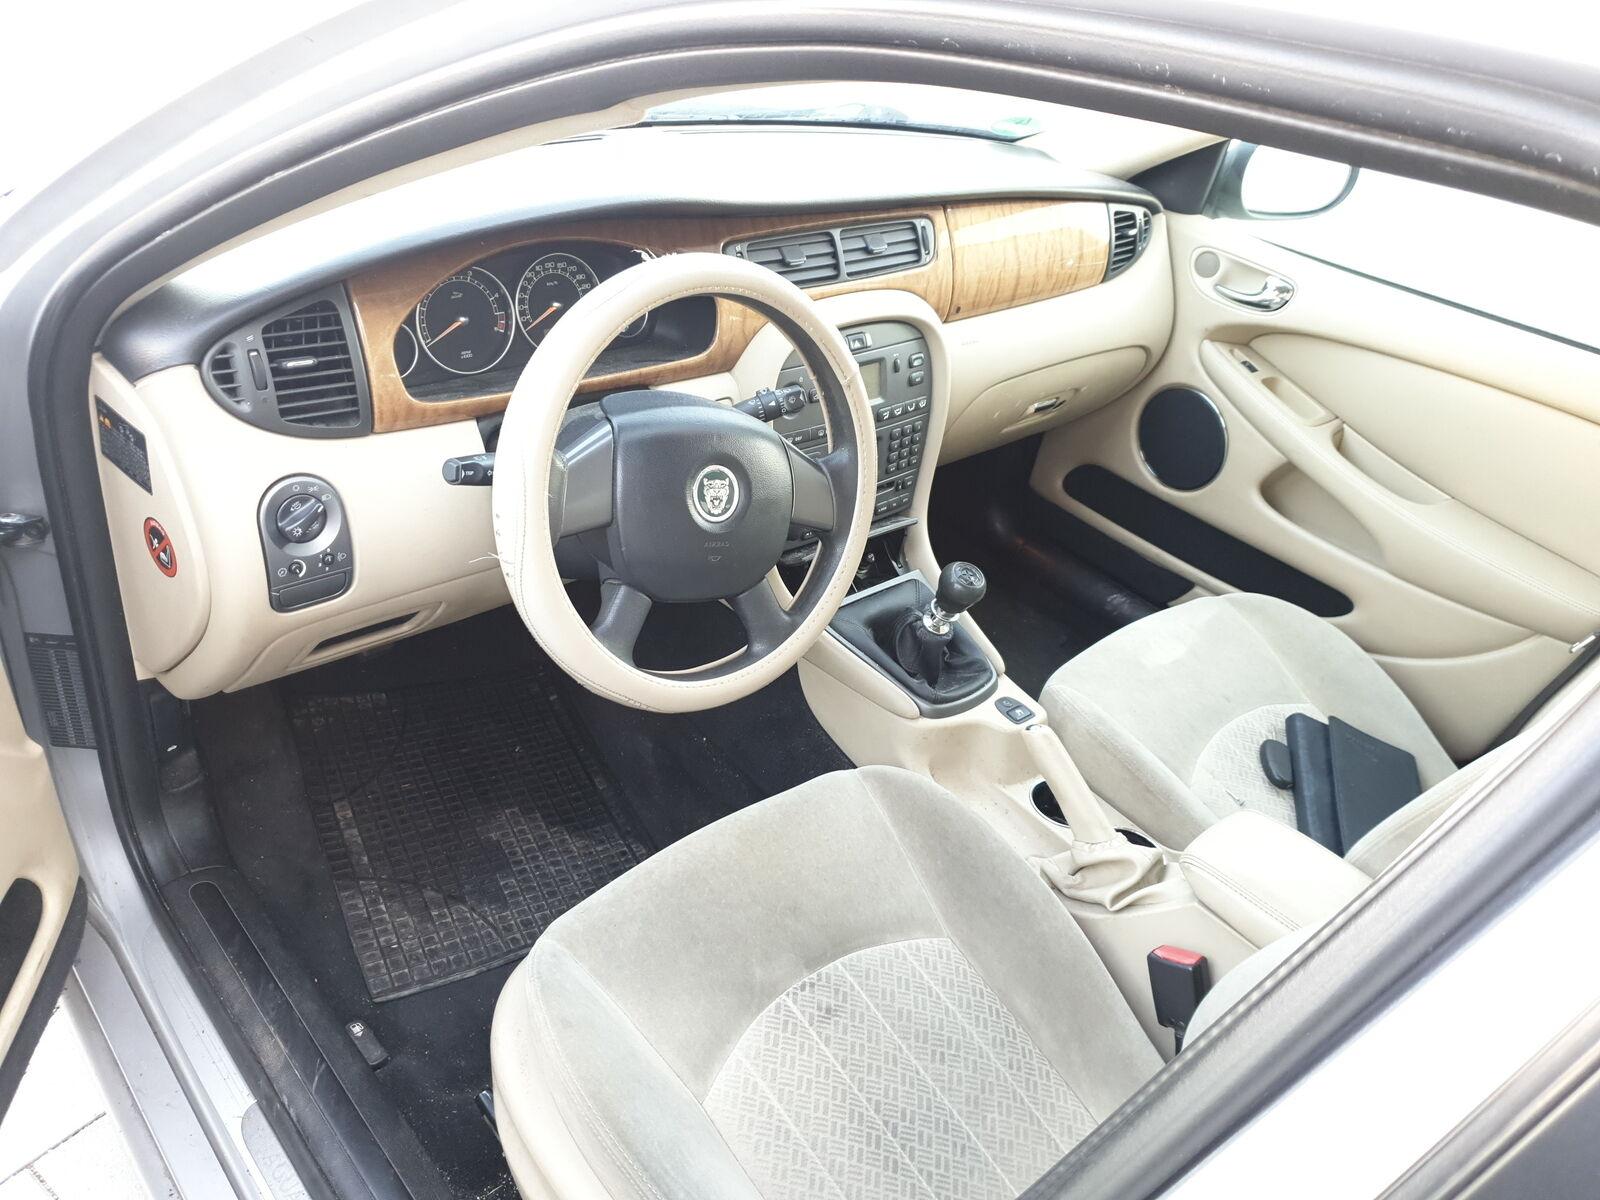 Auto-Anbau- & -Zubehörteile Abschleppöse Abschlepphaken Tow hook Jaguar XF Abschleppseile